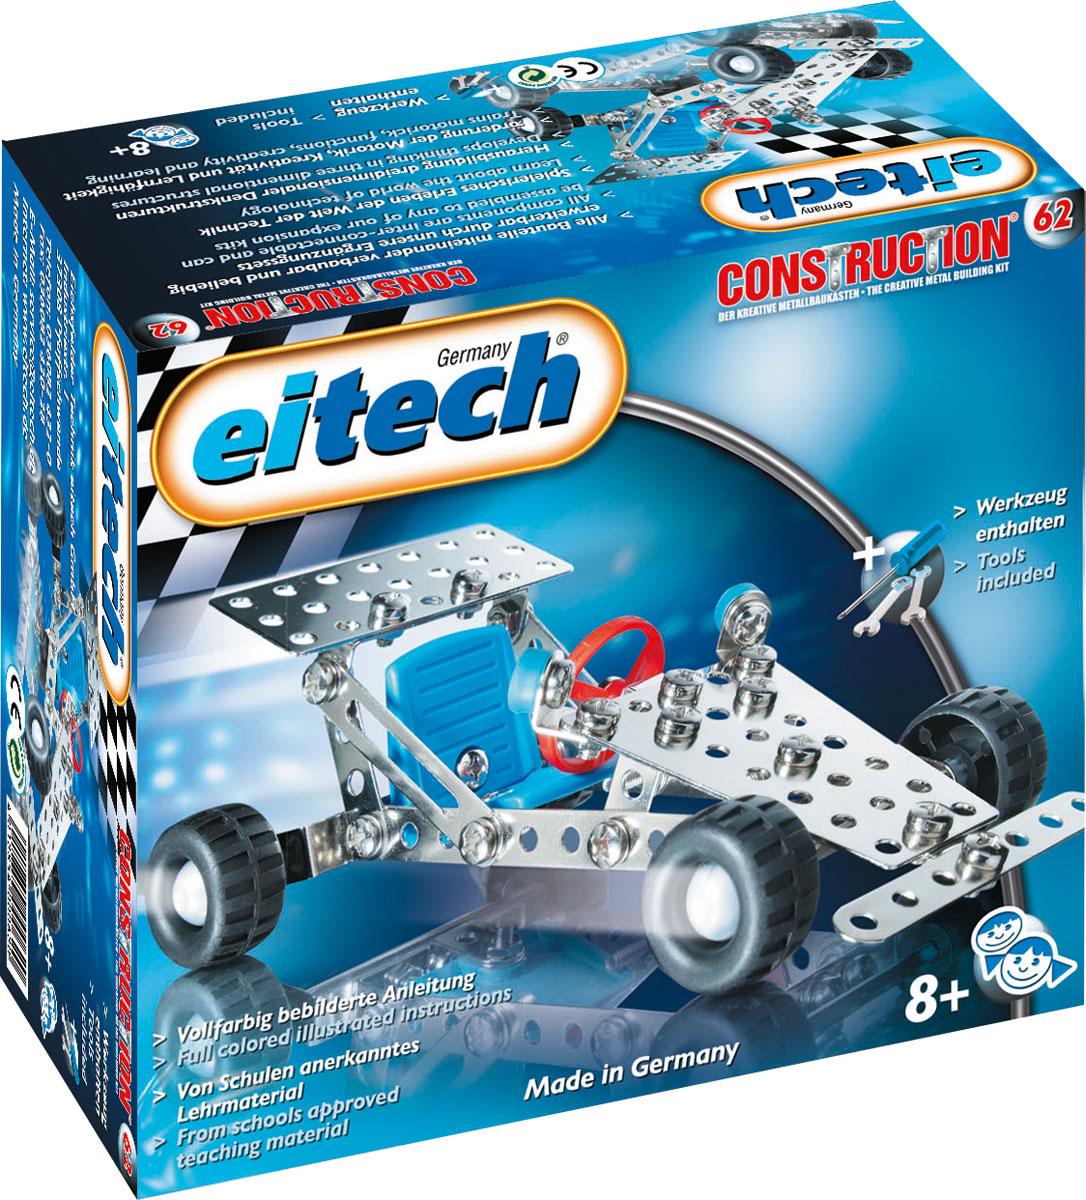 Eitech Конструктор модель Mobil конструкторы eitech конструктор меxаник 250 деталей